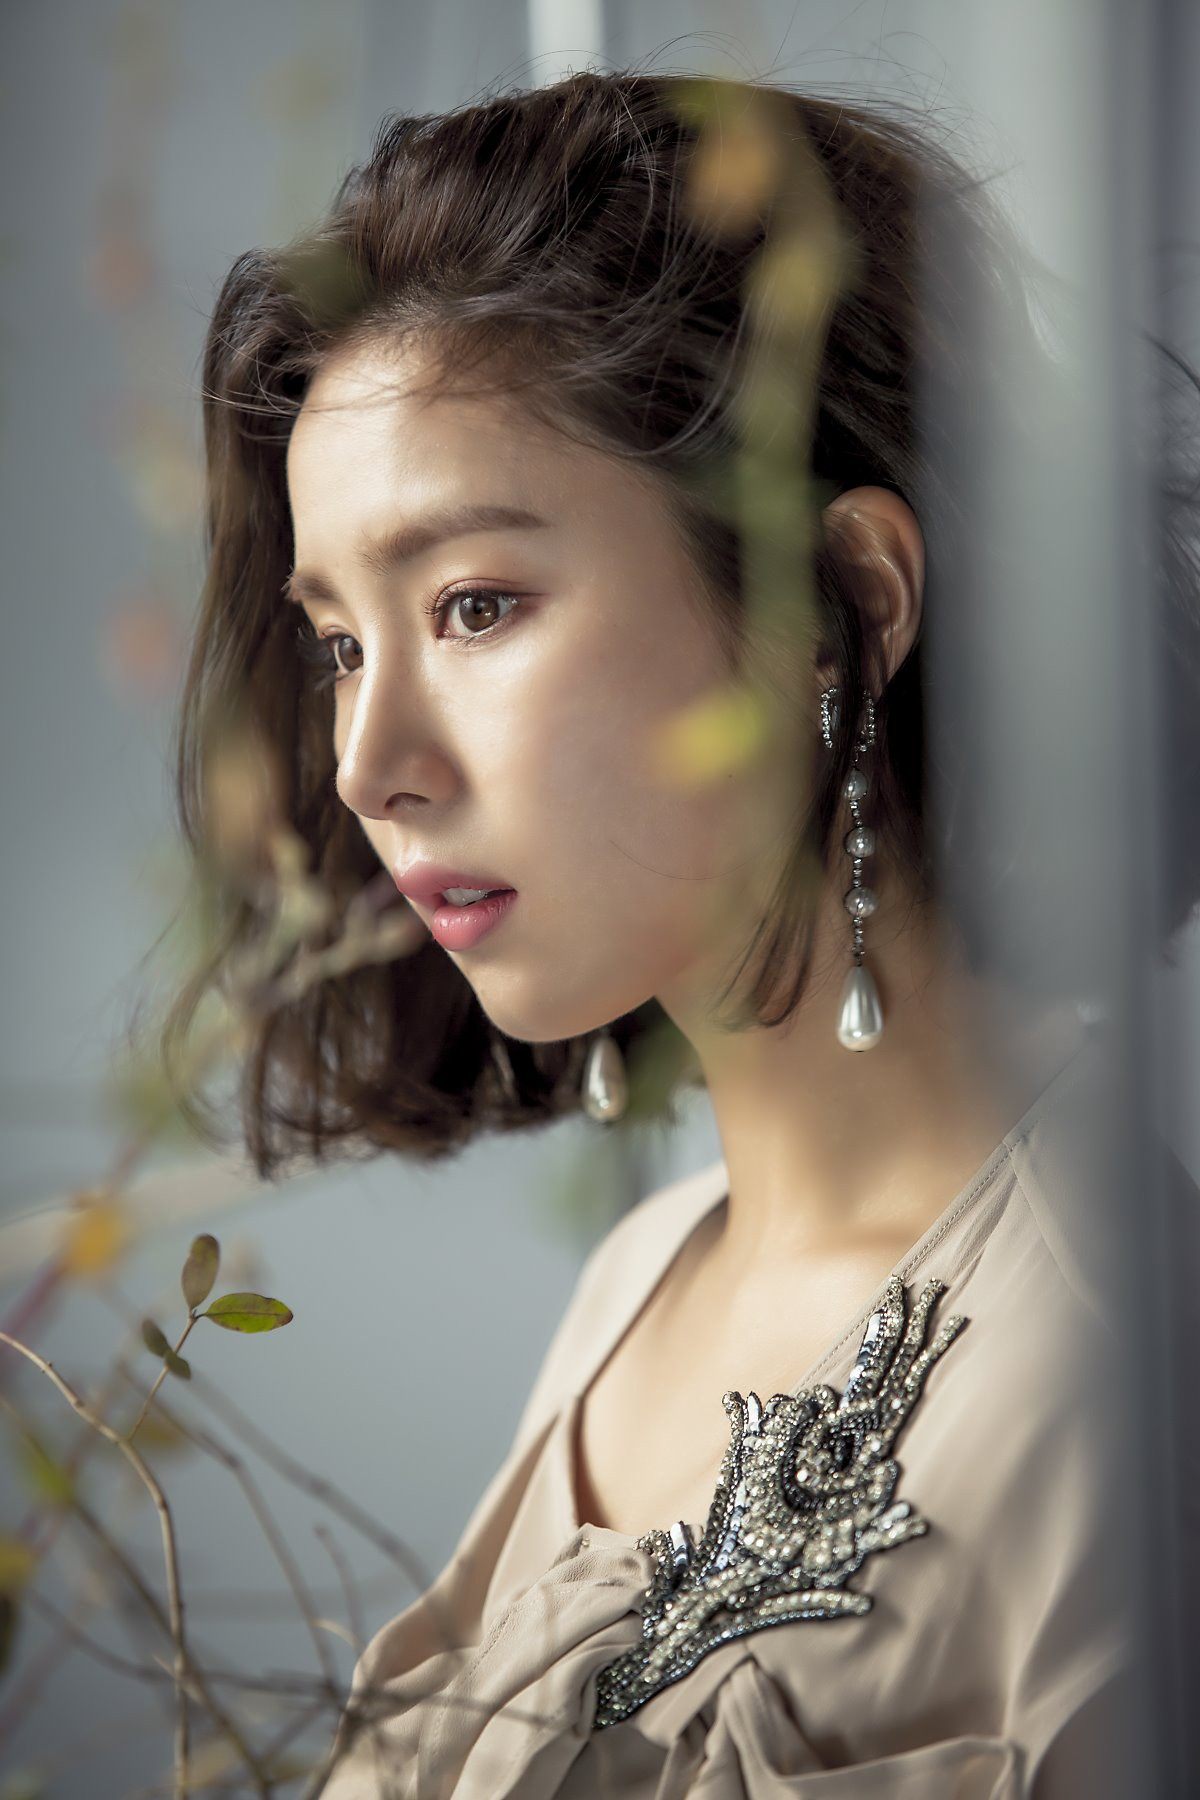 Phim của Yoo Seung Ho bị Kỵ Sĩ của Shin Se Kyung vượt mặt ngay tập đầu - Ảnh 6.